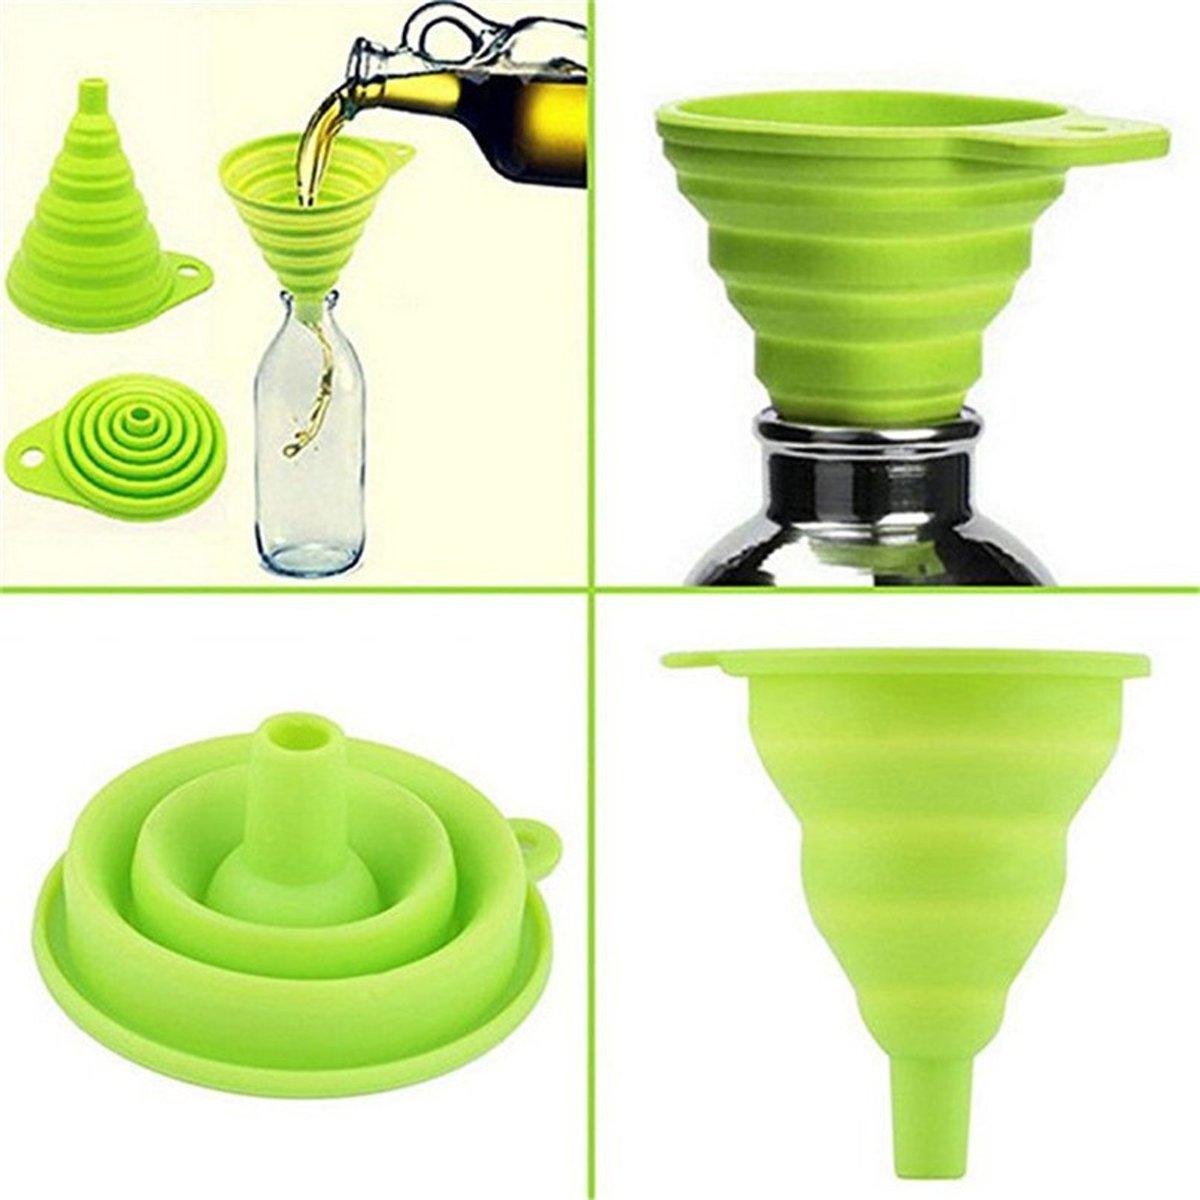 Noix Opvouwbare Siliconen Trechter - Inklapbaar handig keuken tool - groen kopen